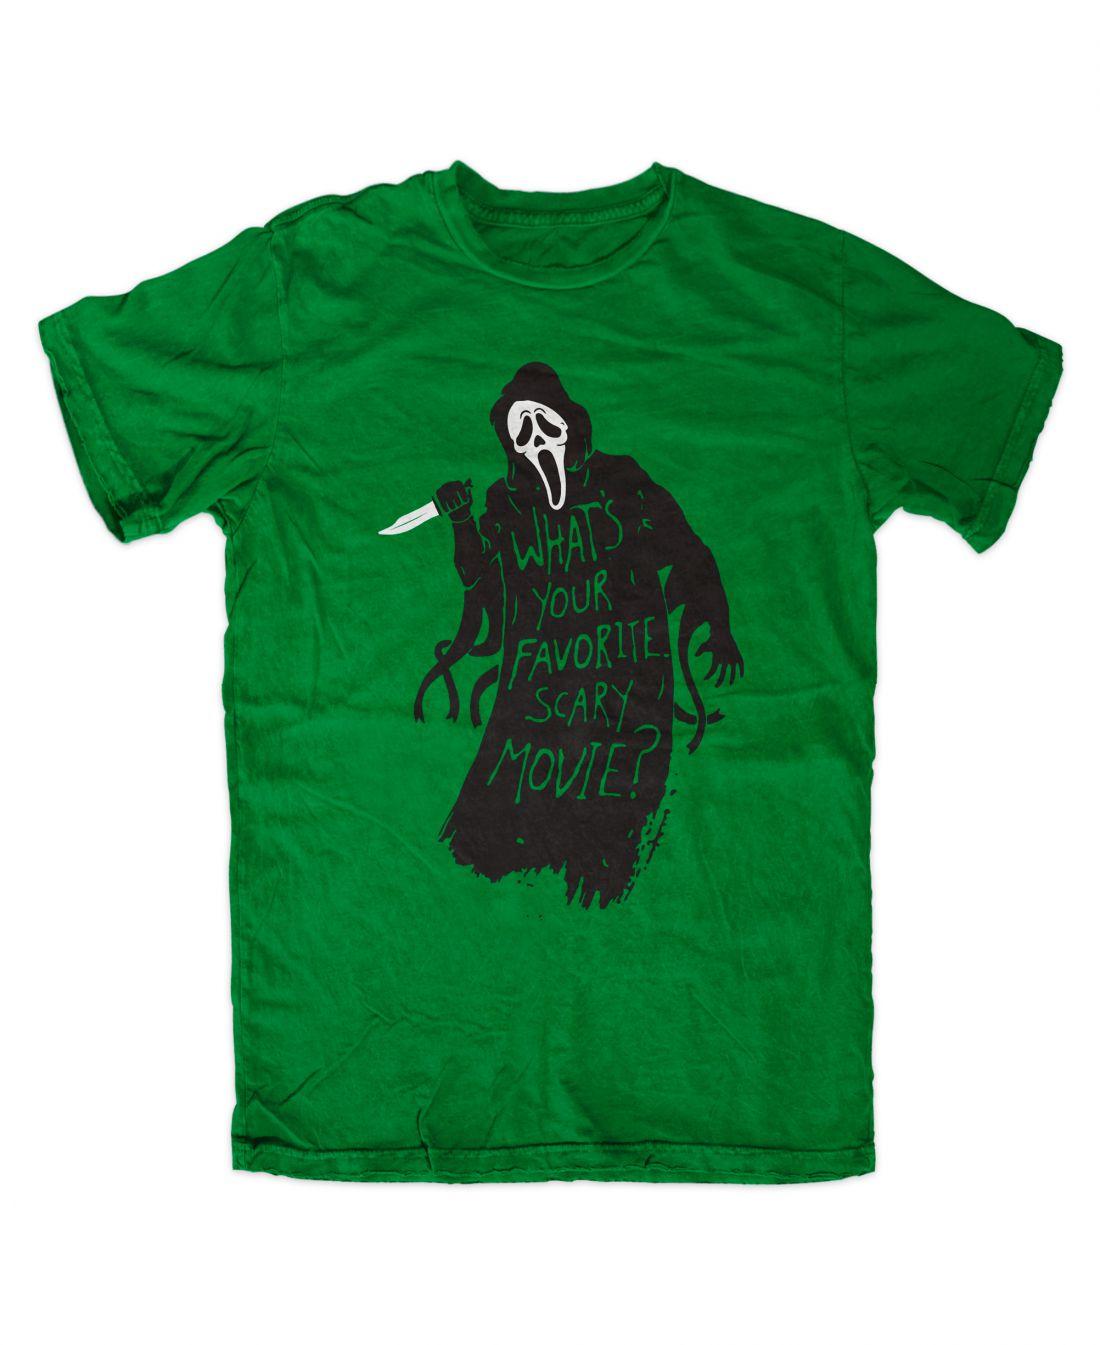 Favorite Scary Movie (irish green póló)